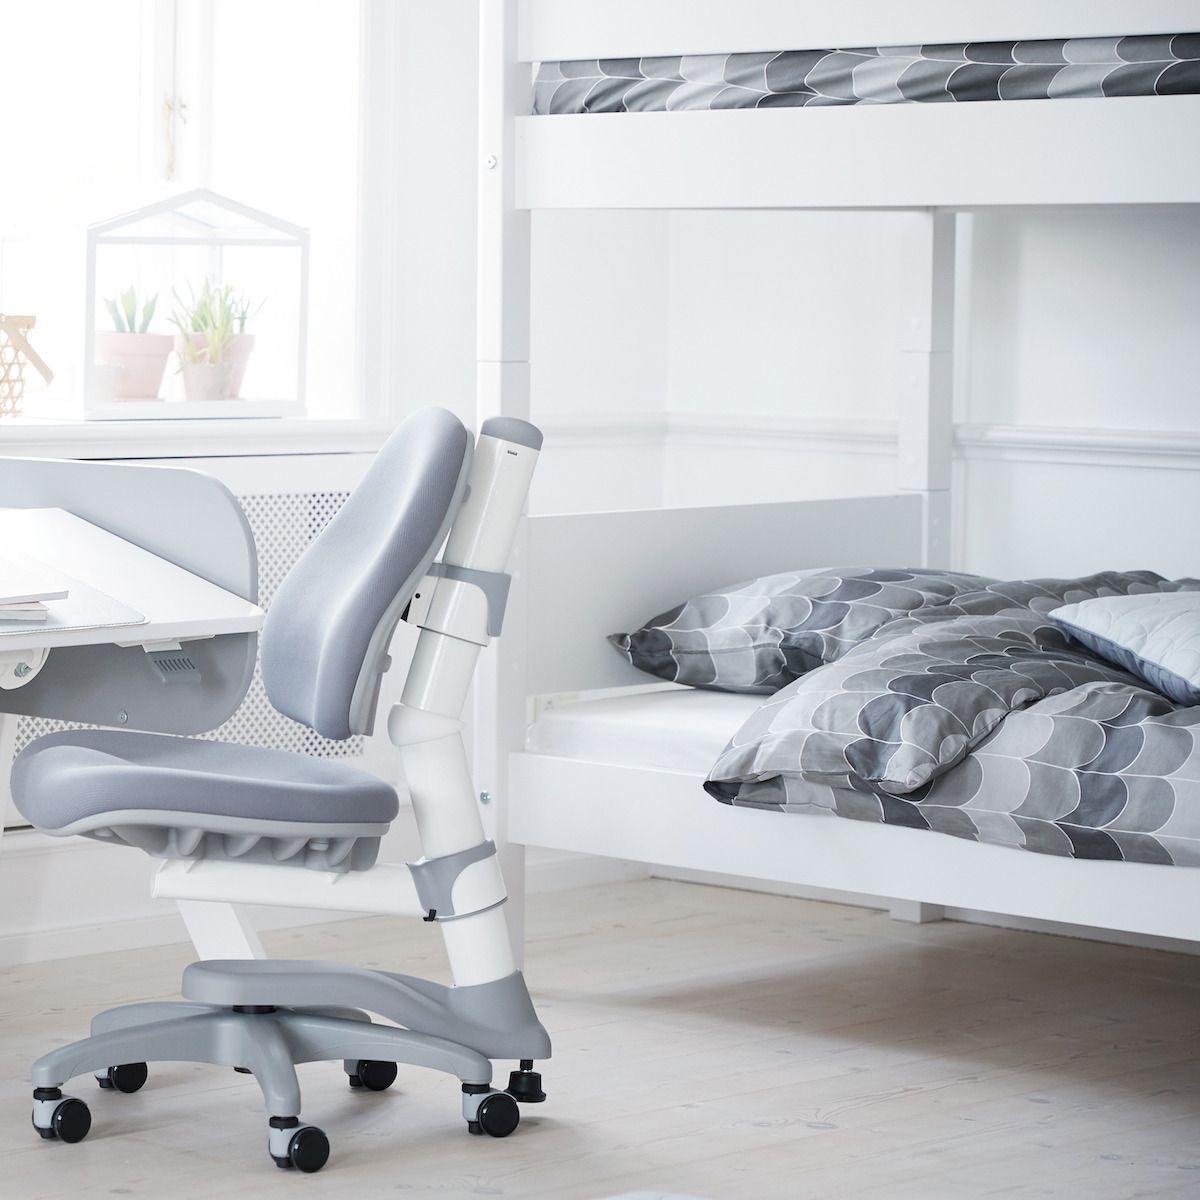 WHITE by Flexa Lits superposés en MDF 90x200 cm avec barrière de sécurité blanche et pieds en bouleau